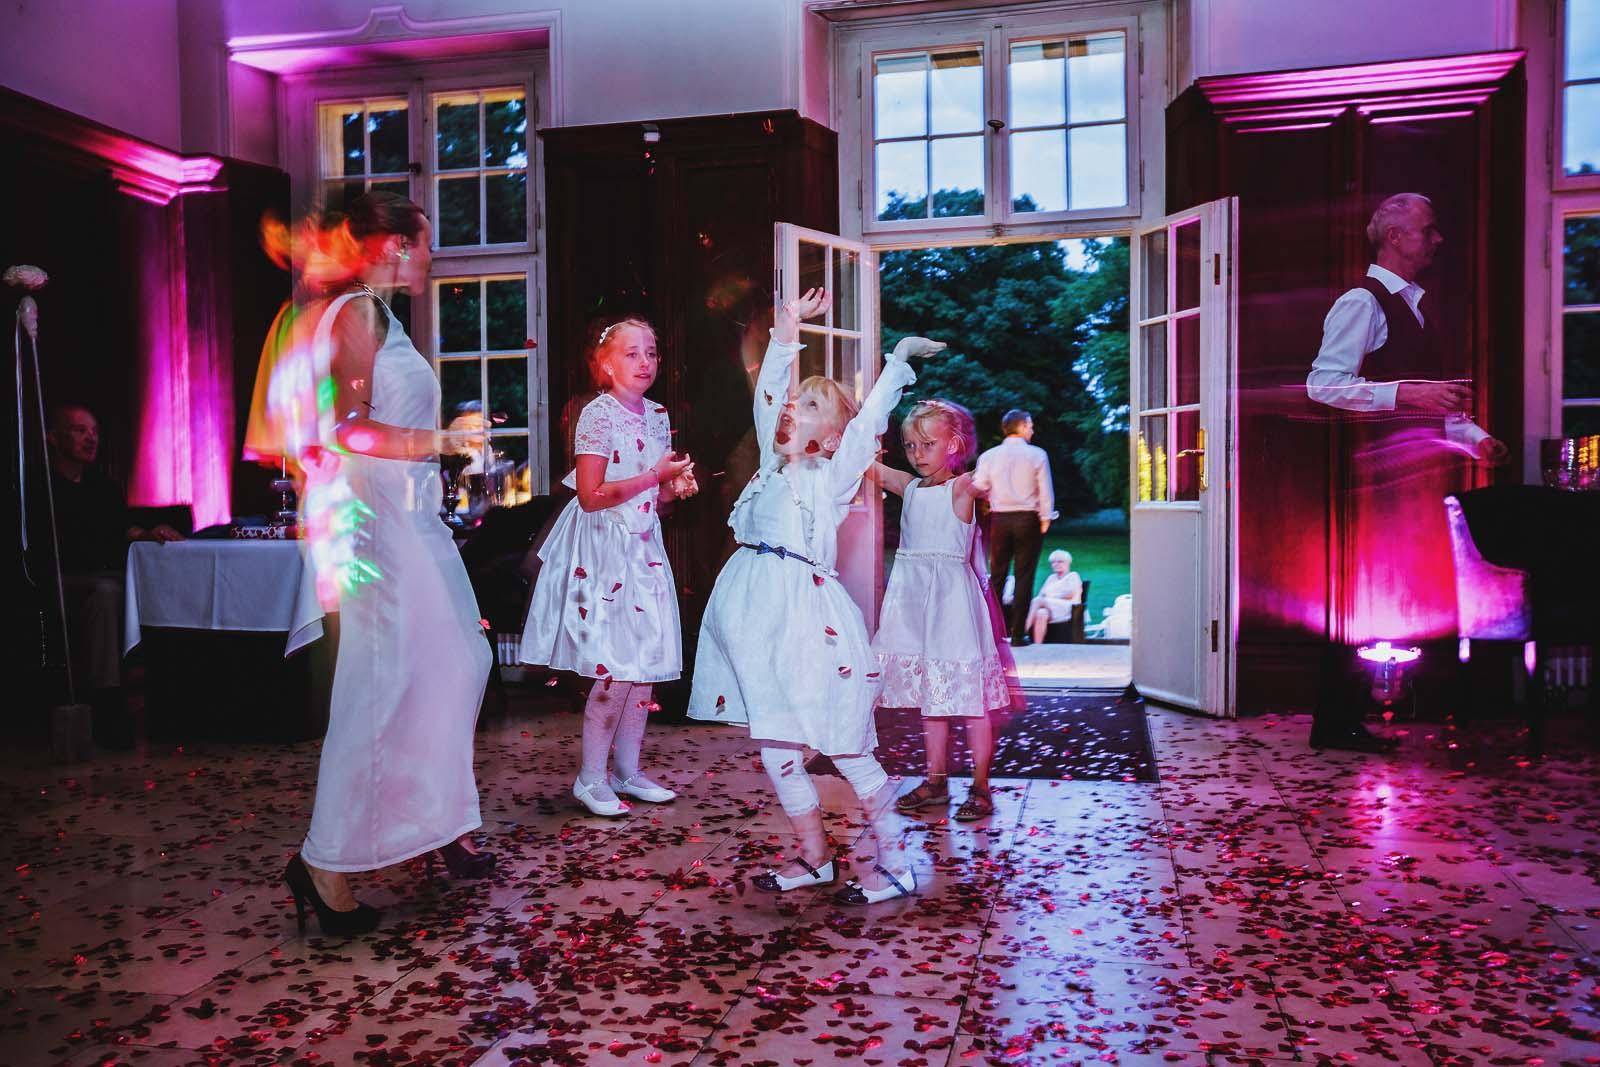 Kinder auf der Tanzflaeche Partyfoto der Hochzeitsreportage Copyright by Hochzeitsfotograf www.berliner-hochzeitsfotografie.de